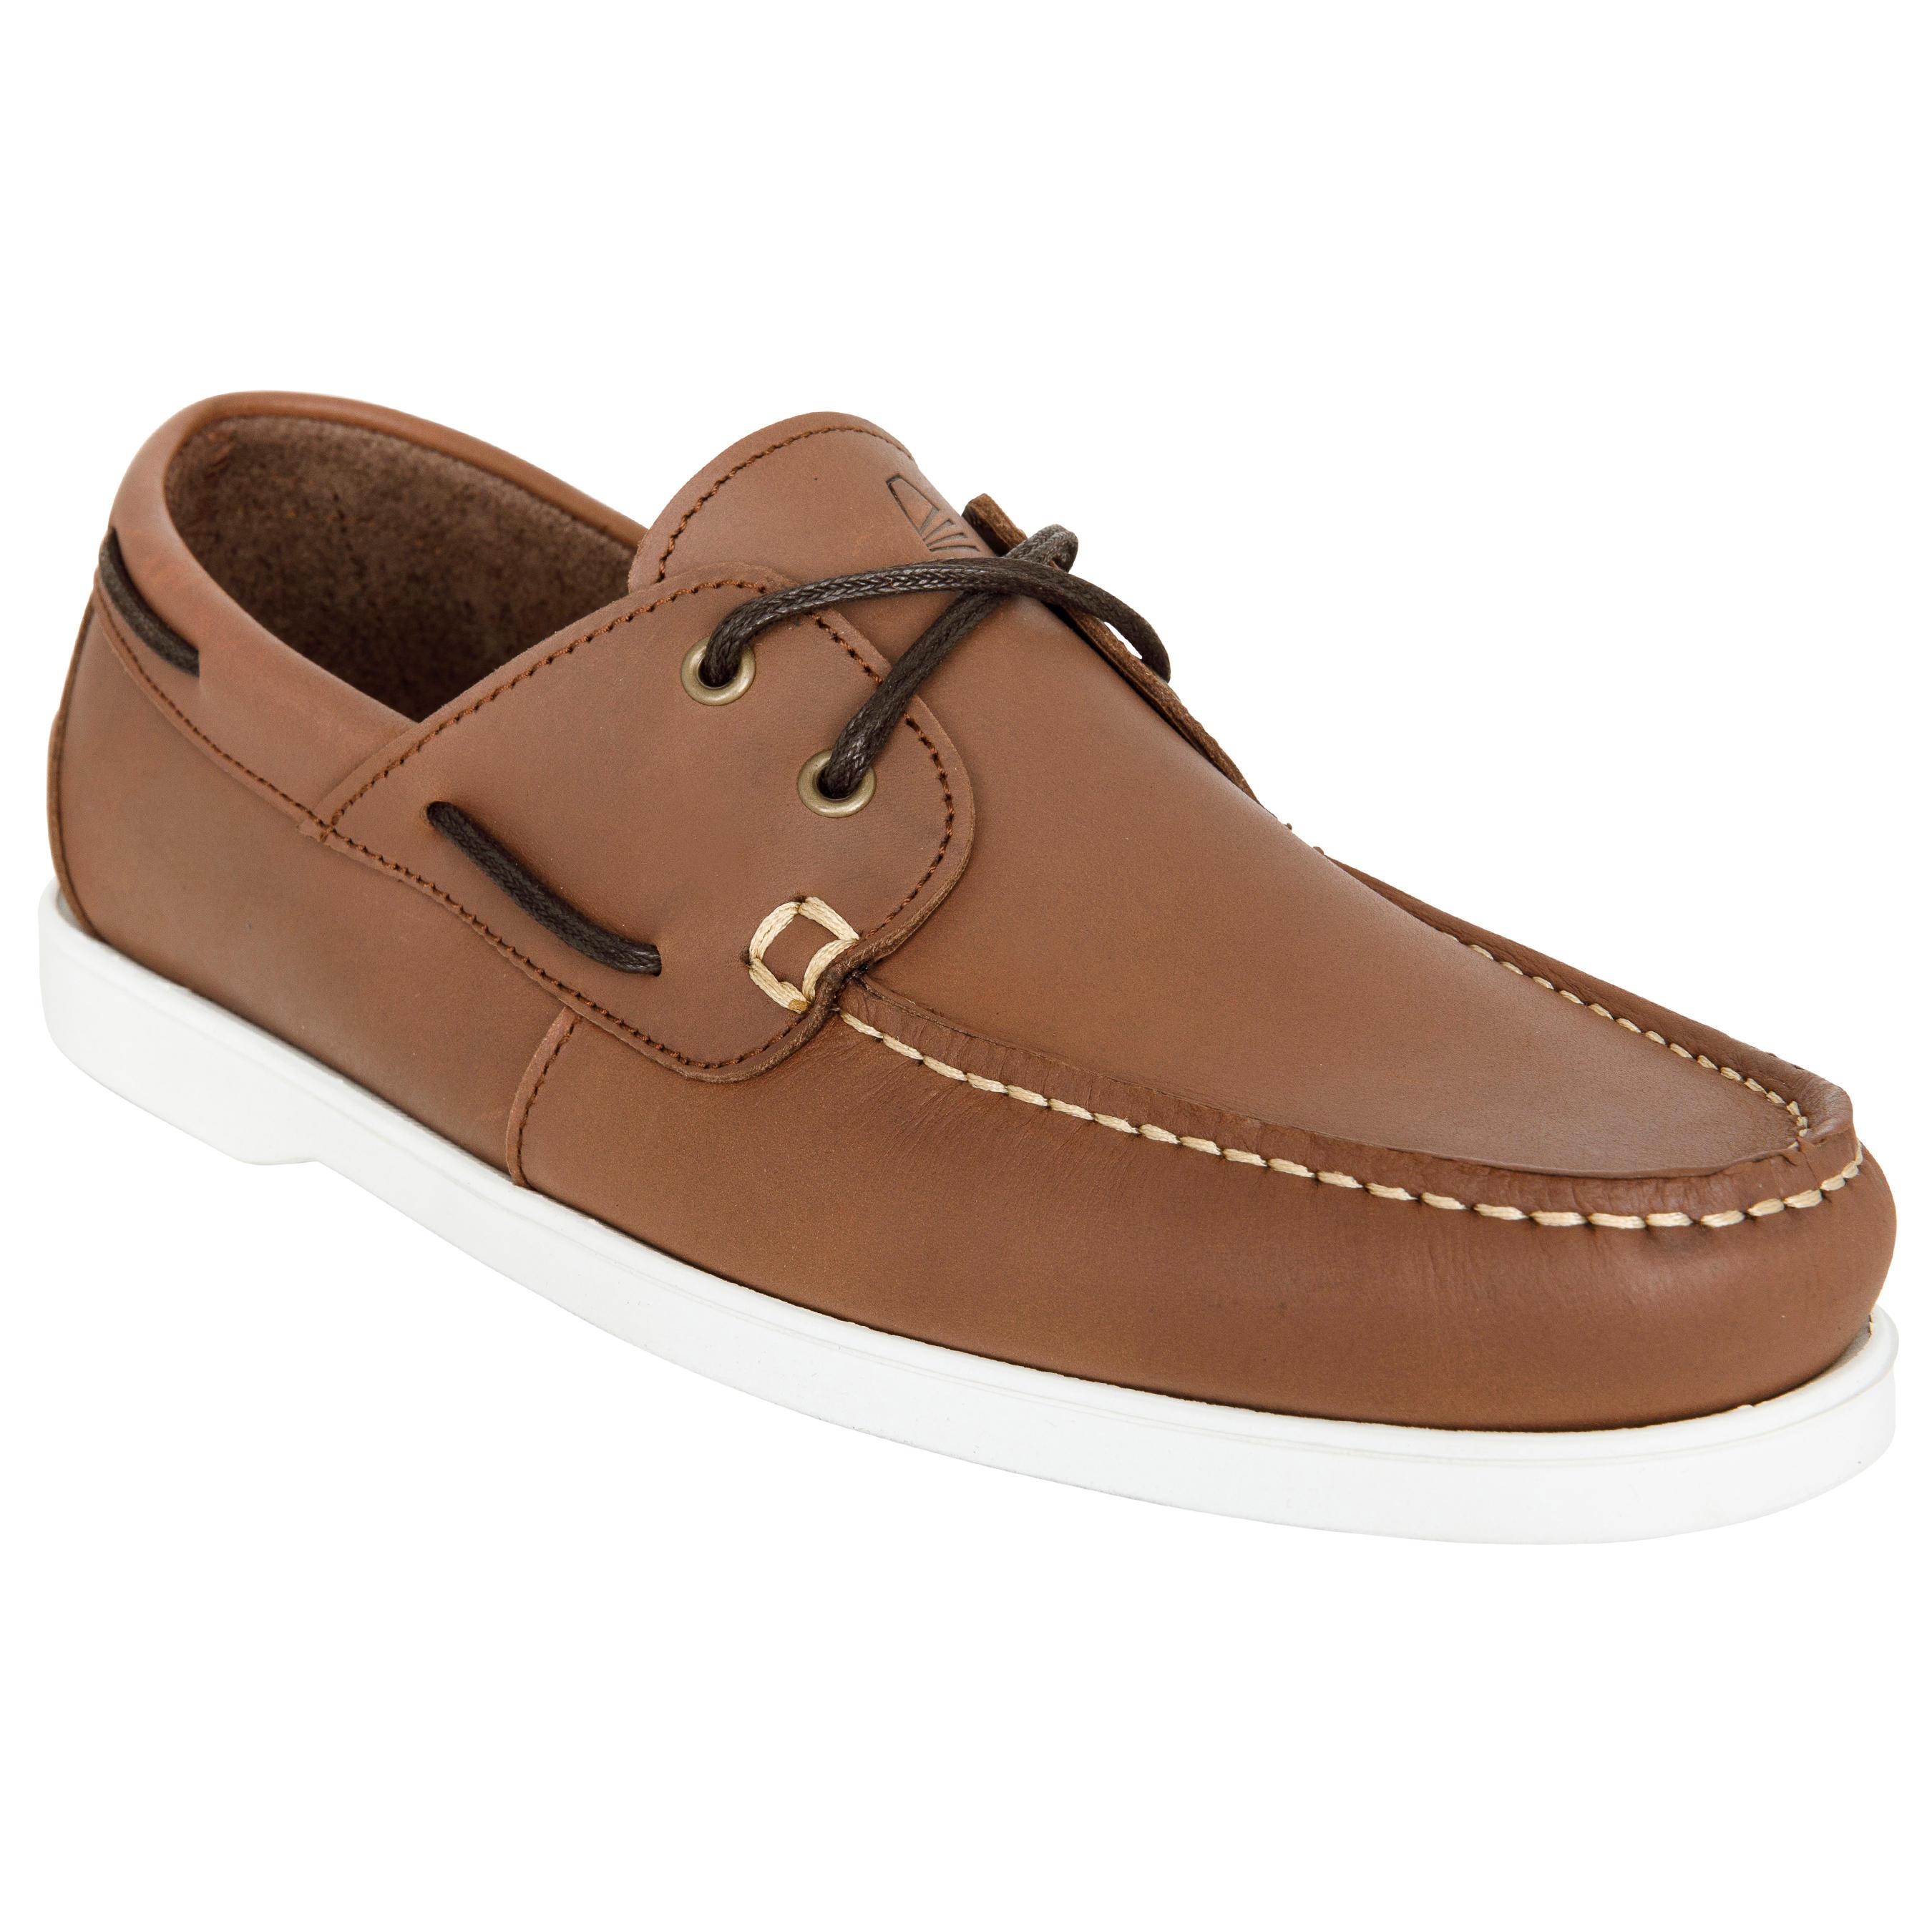 Chaussures bateau cuir homme CR500 brun blanc